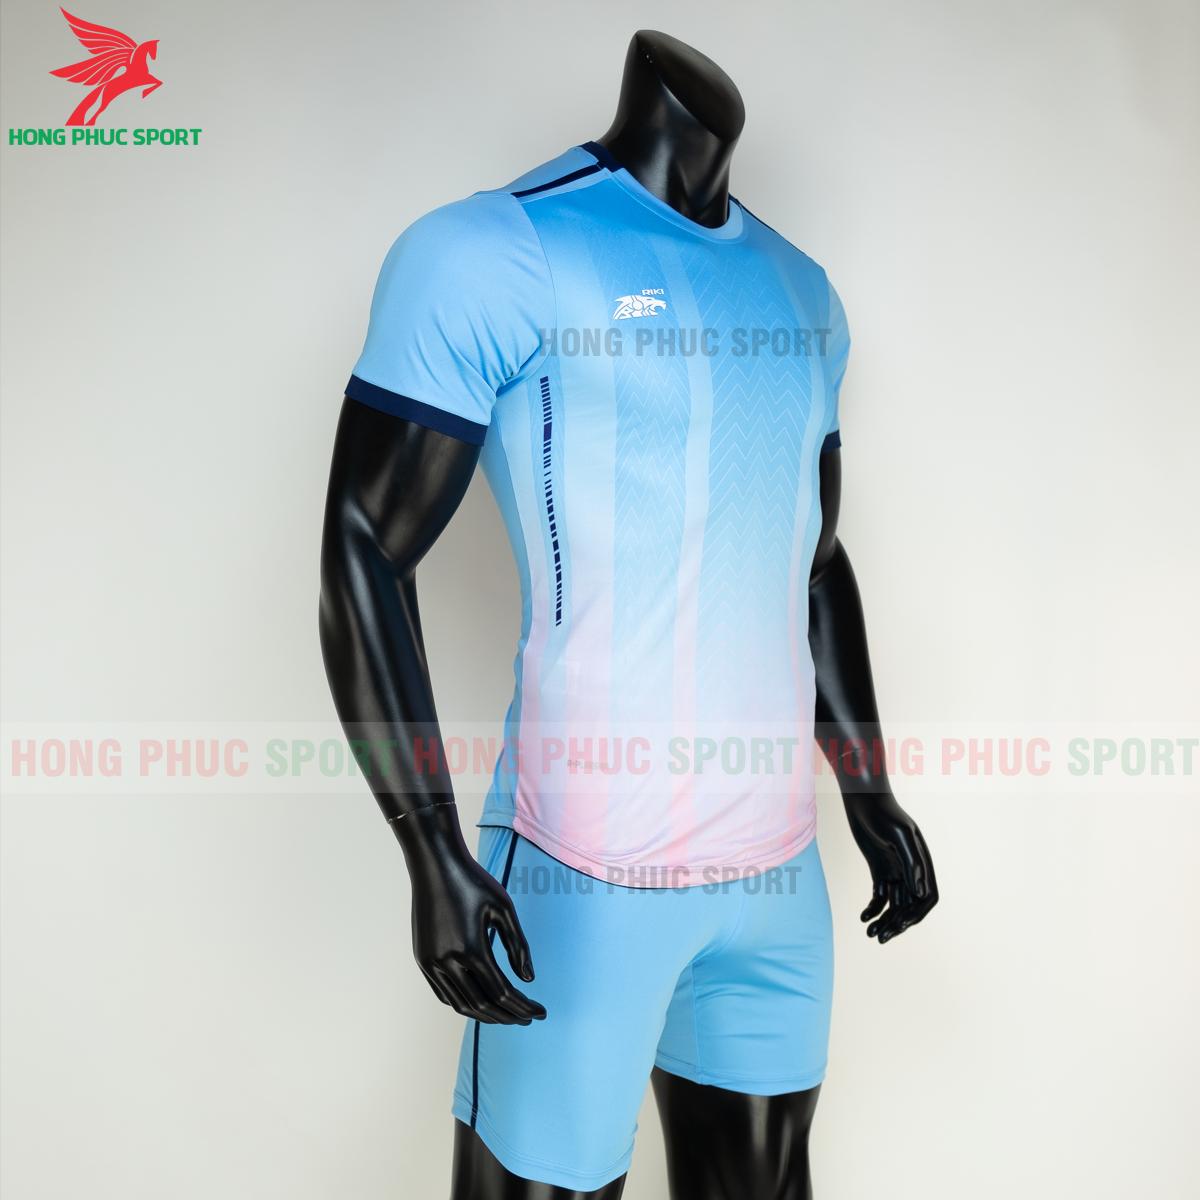 Áo đá banh không logo RIKI FURIOR 2021 màu Xanh da (phải)